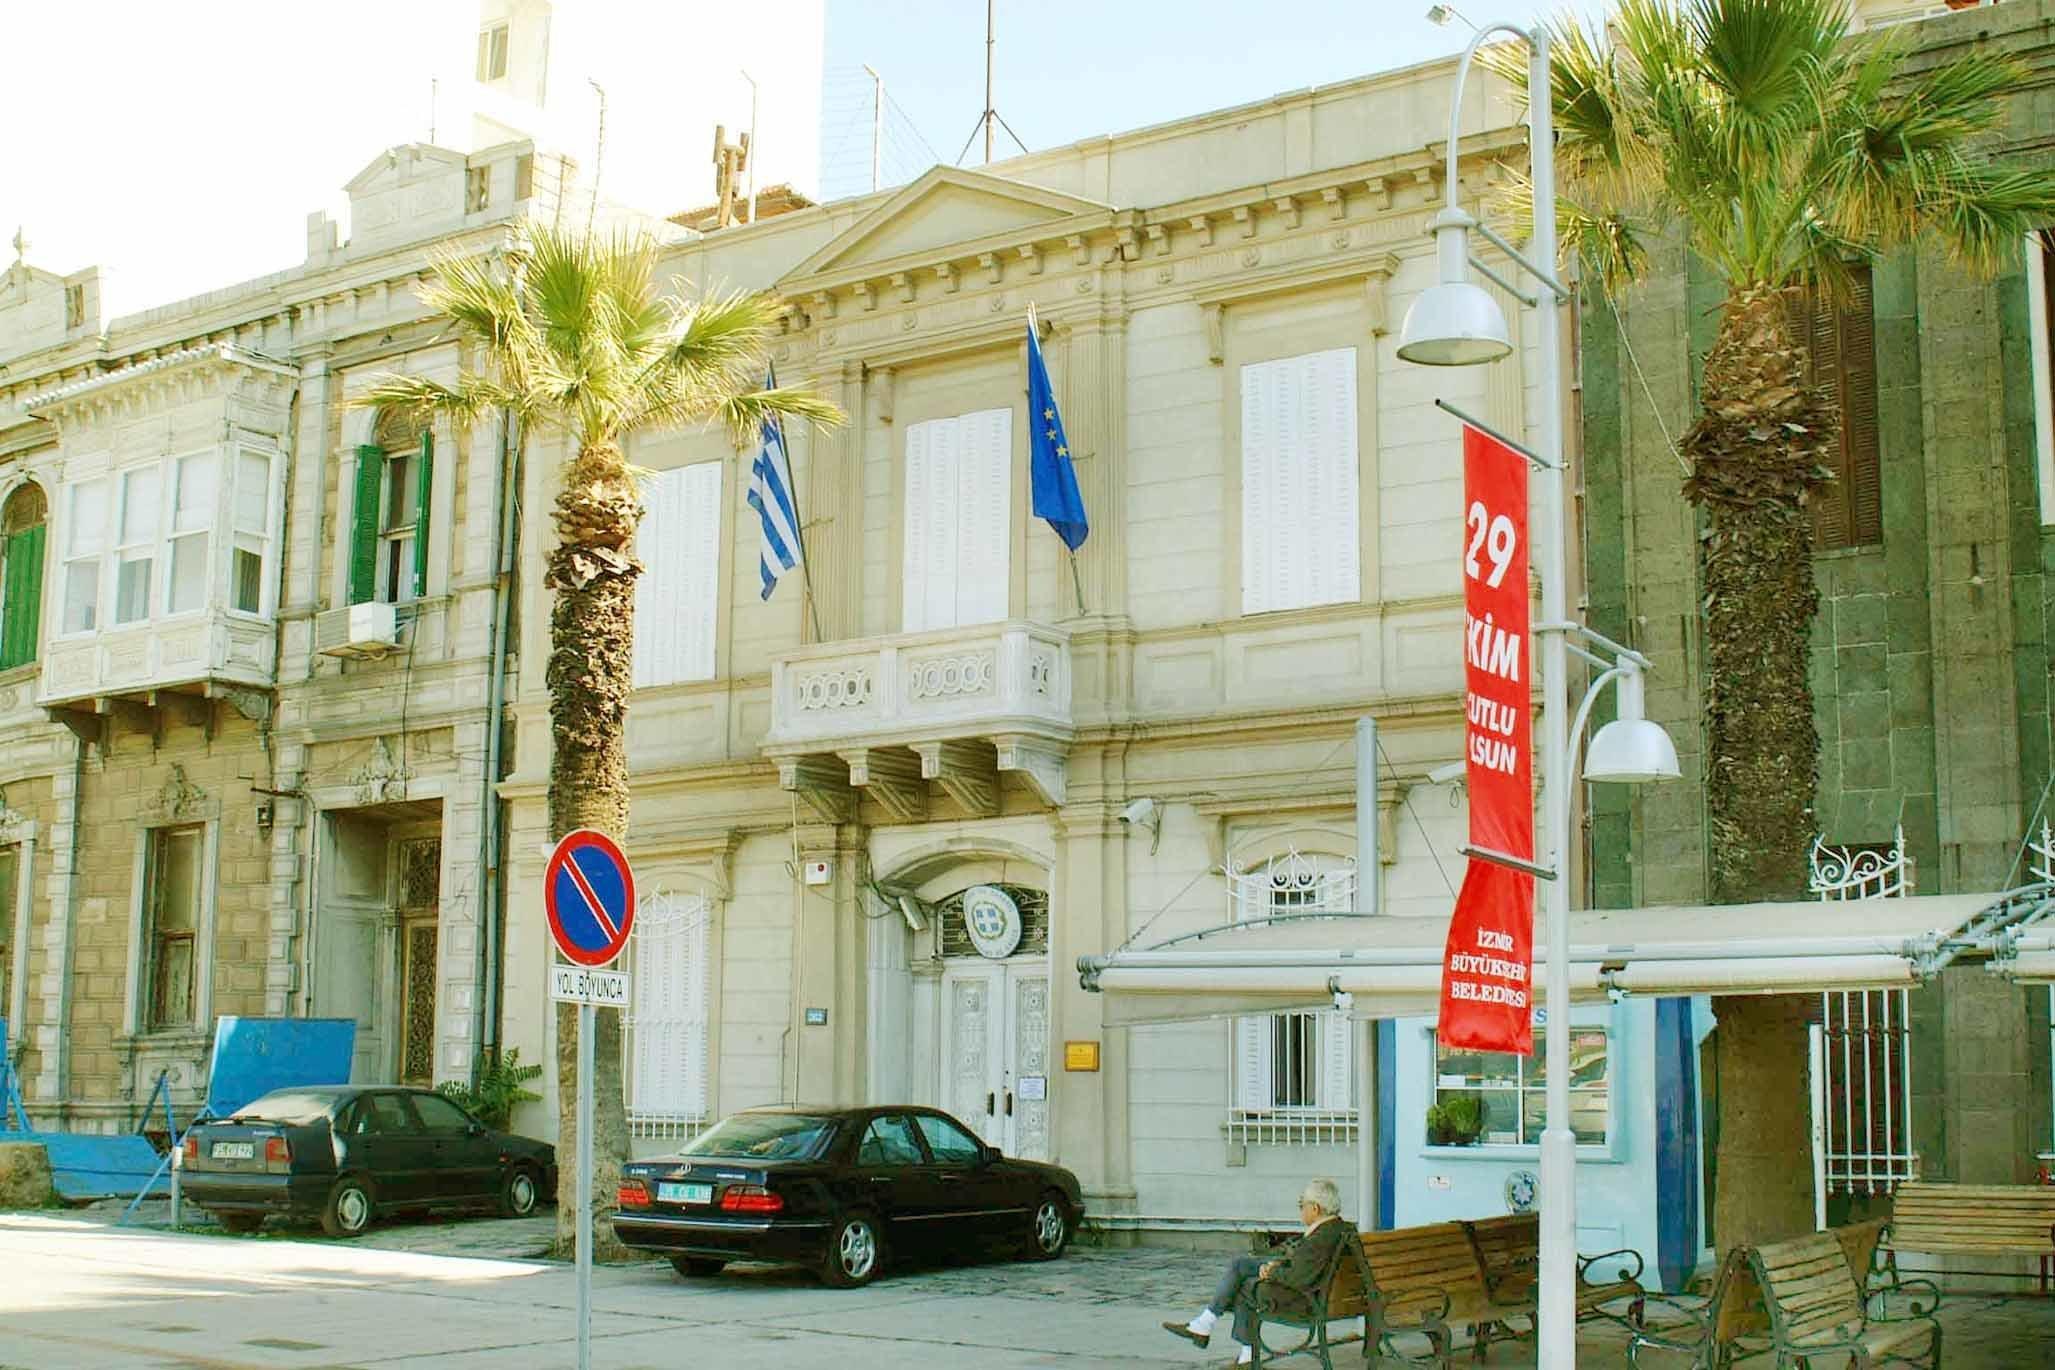 Σε ένα από τα ιστορικότερα κτήρια της Σμύρνης επιστρέφει το Γενικό Προξενείο της Ελλάδας. Στην Τουρκία...